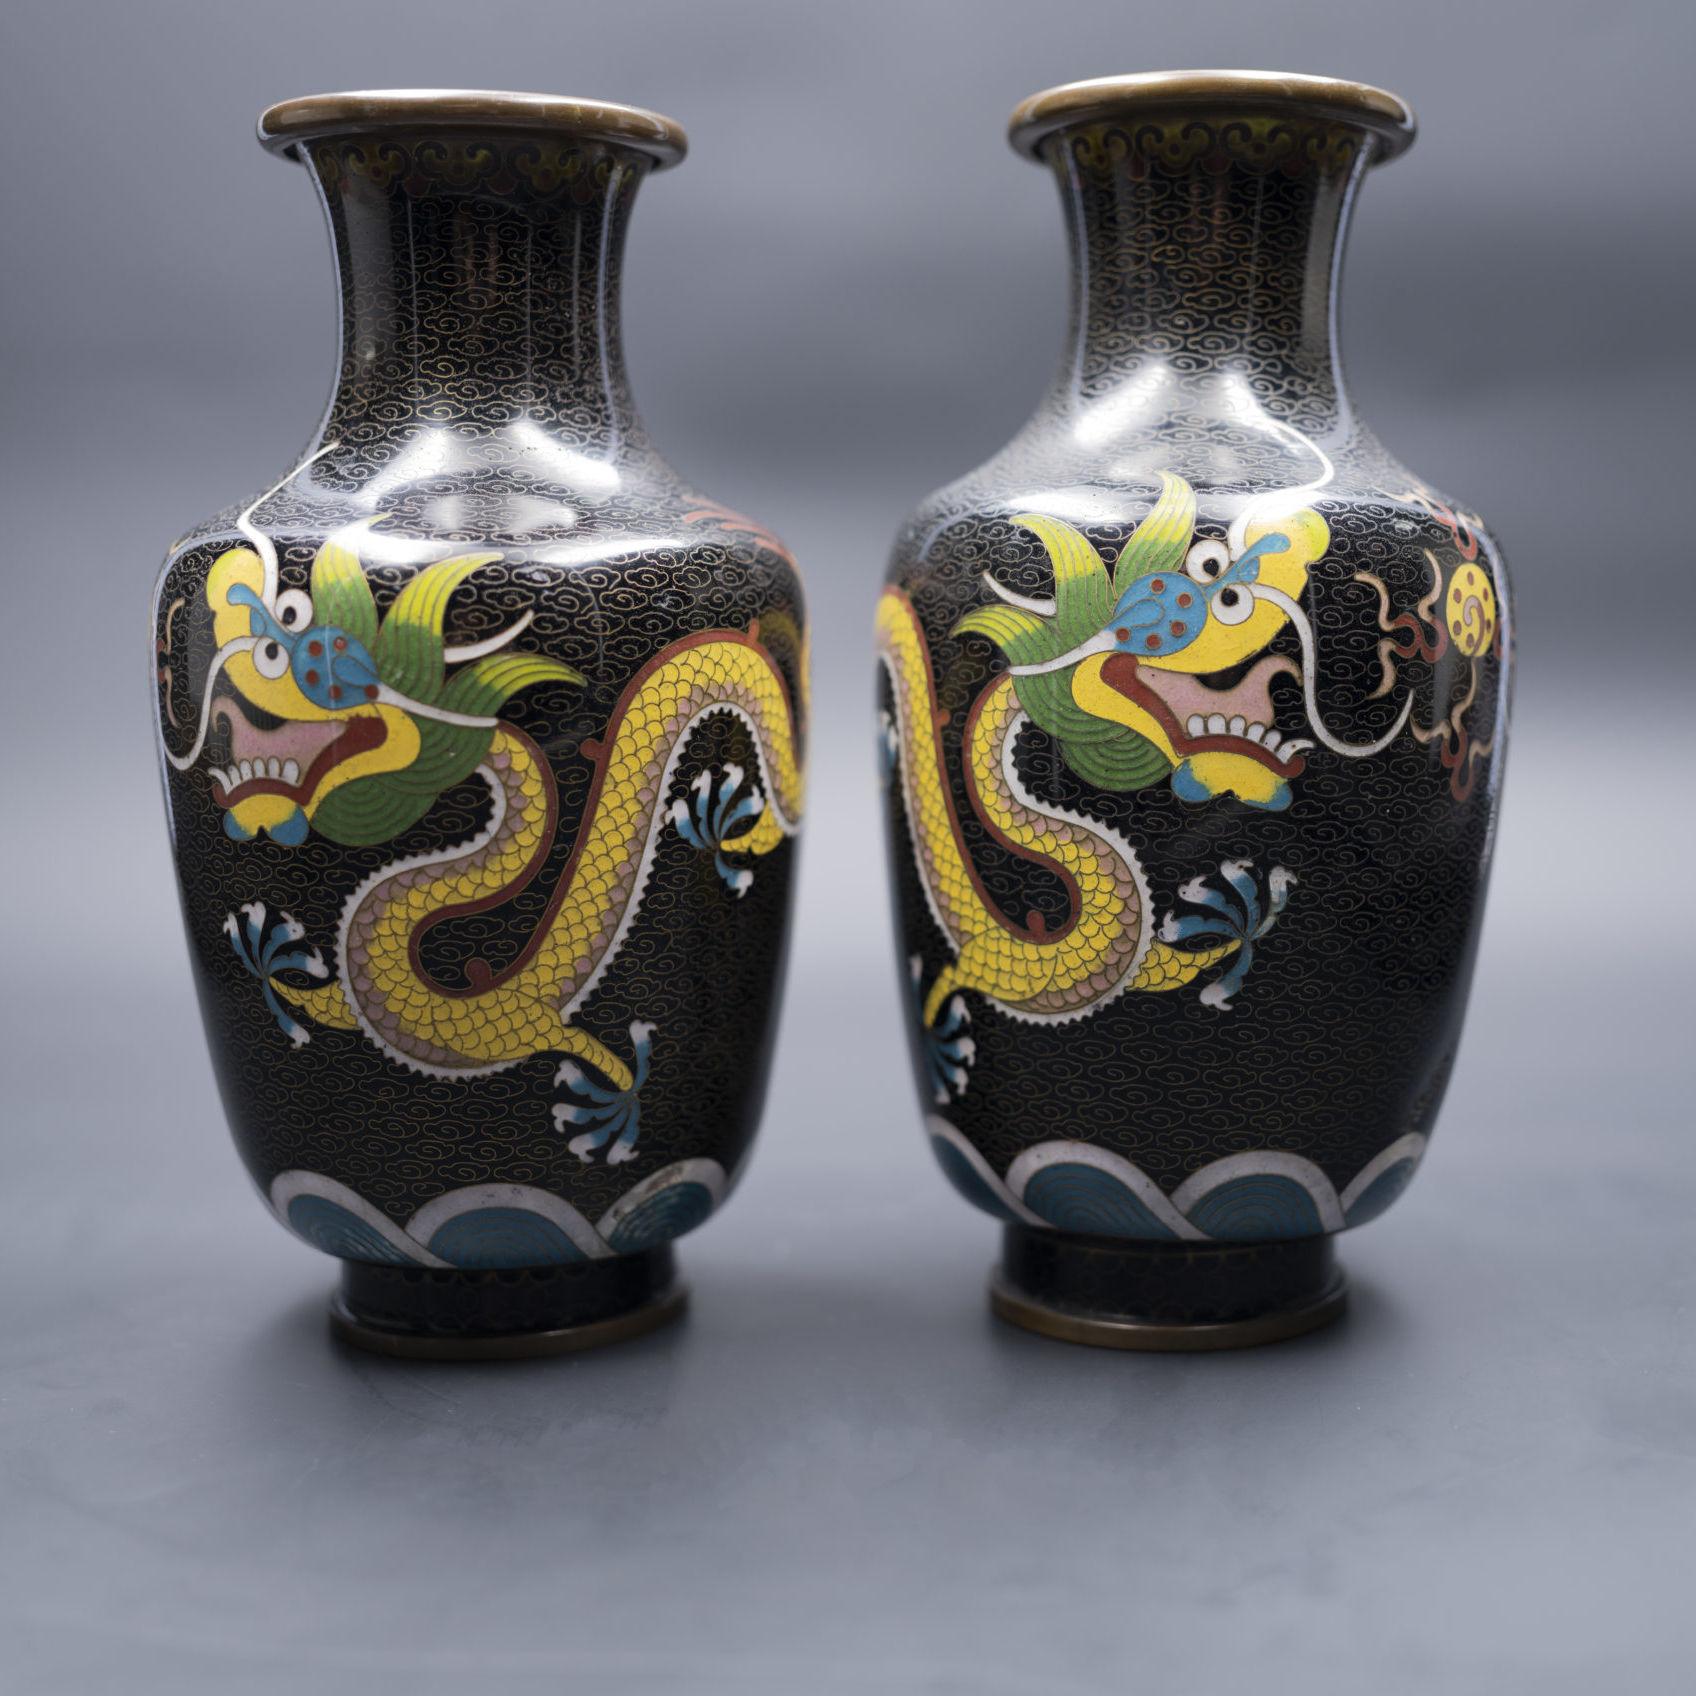 Vases en métal cloisonné. Chine, XIXe siècle.